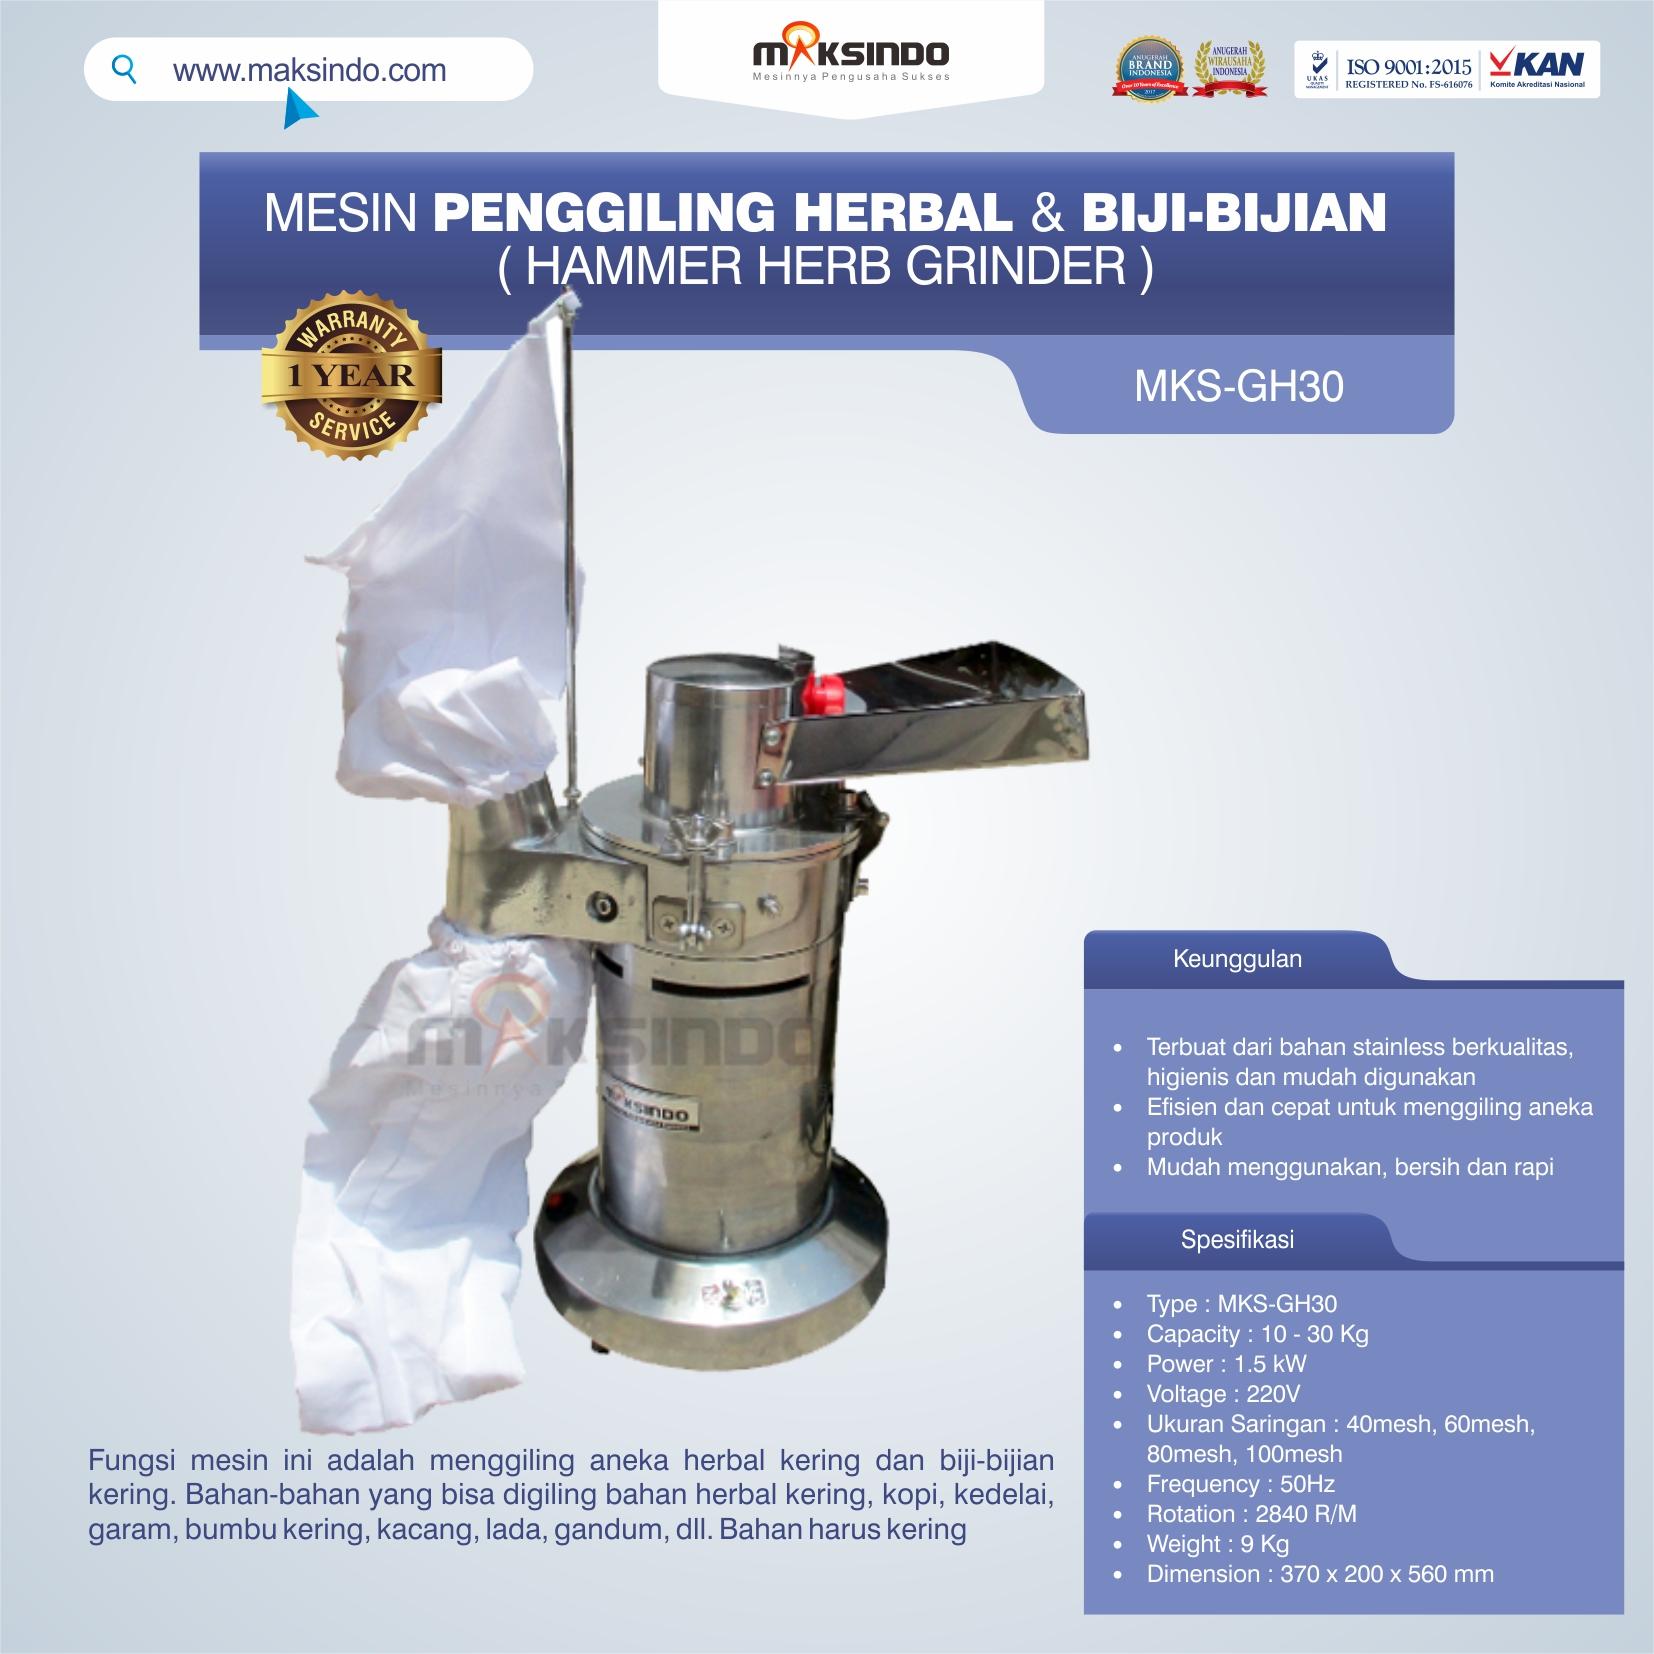 Jual Penggiling Herbal dan Biji-Bijian (GH-30) di Bandung